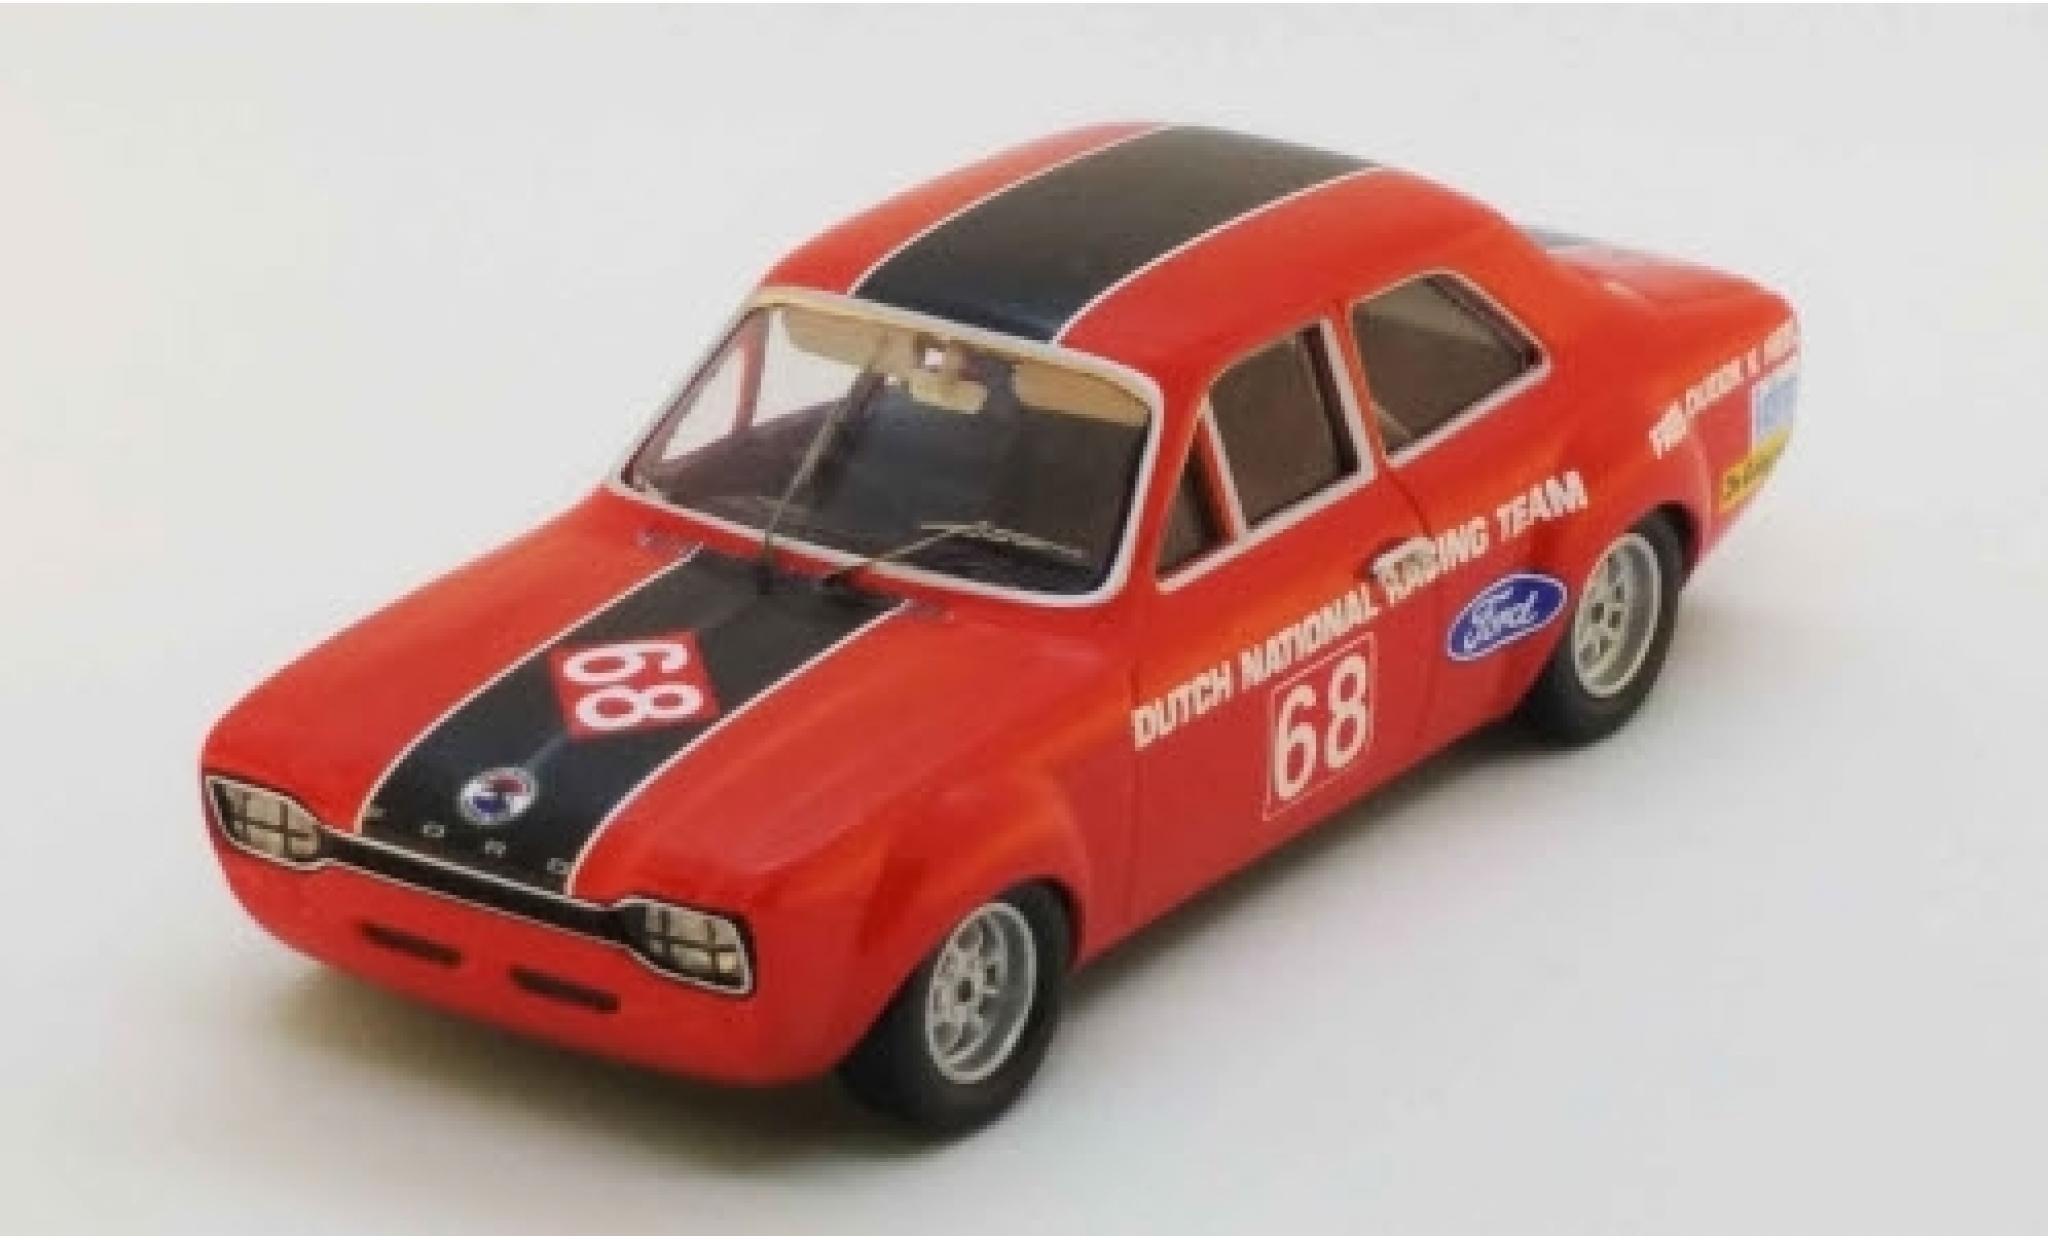 Ford Escort 1/43 Trofeu MK I TC No.68 Zandvoort 1969 F.Dudok van Heel